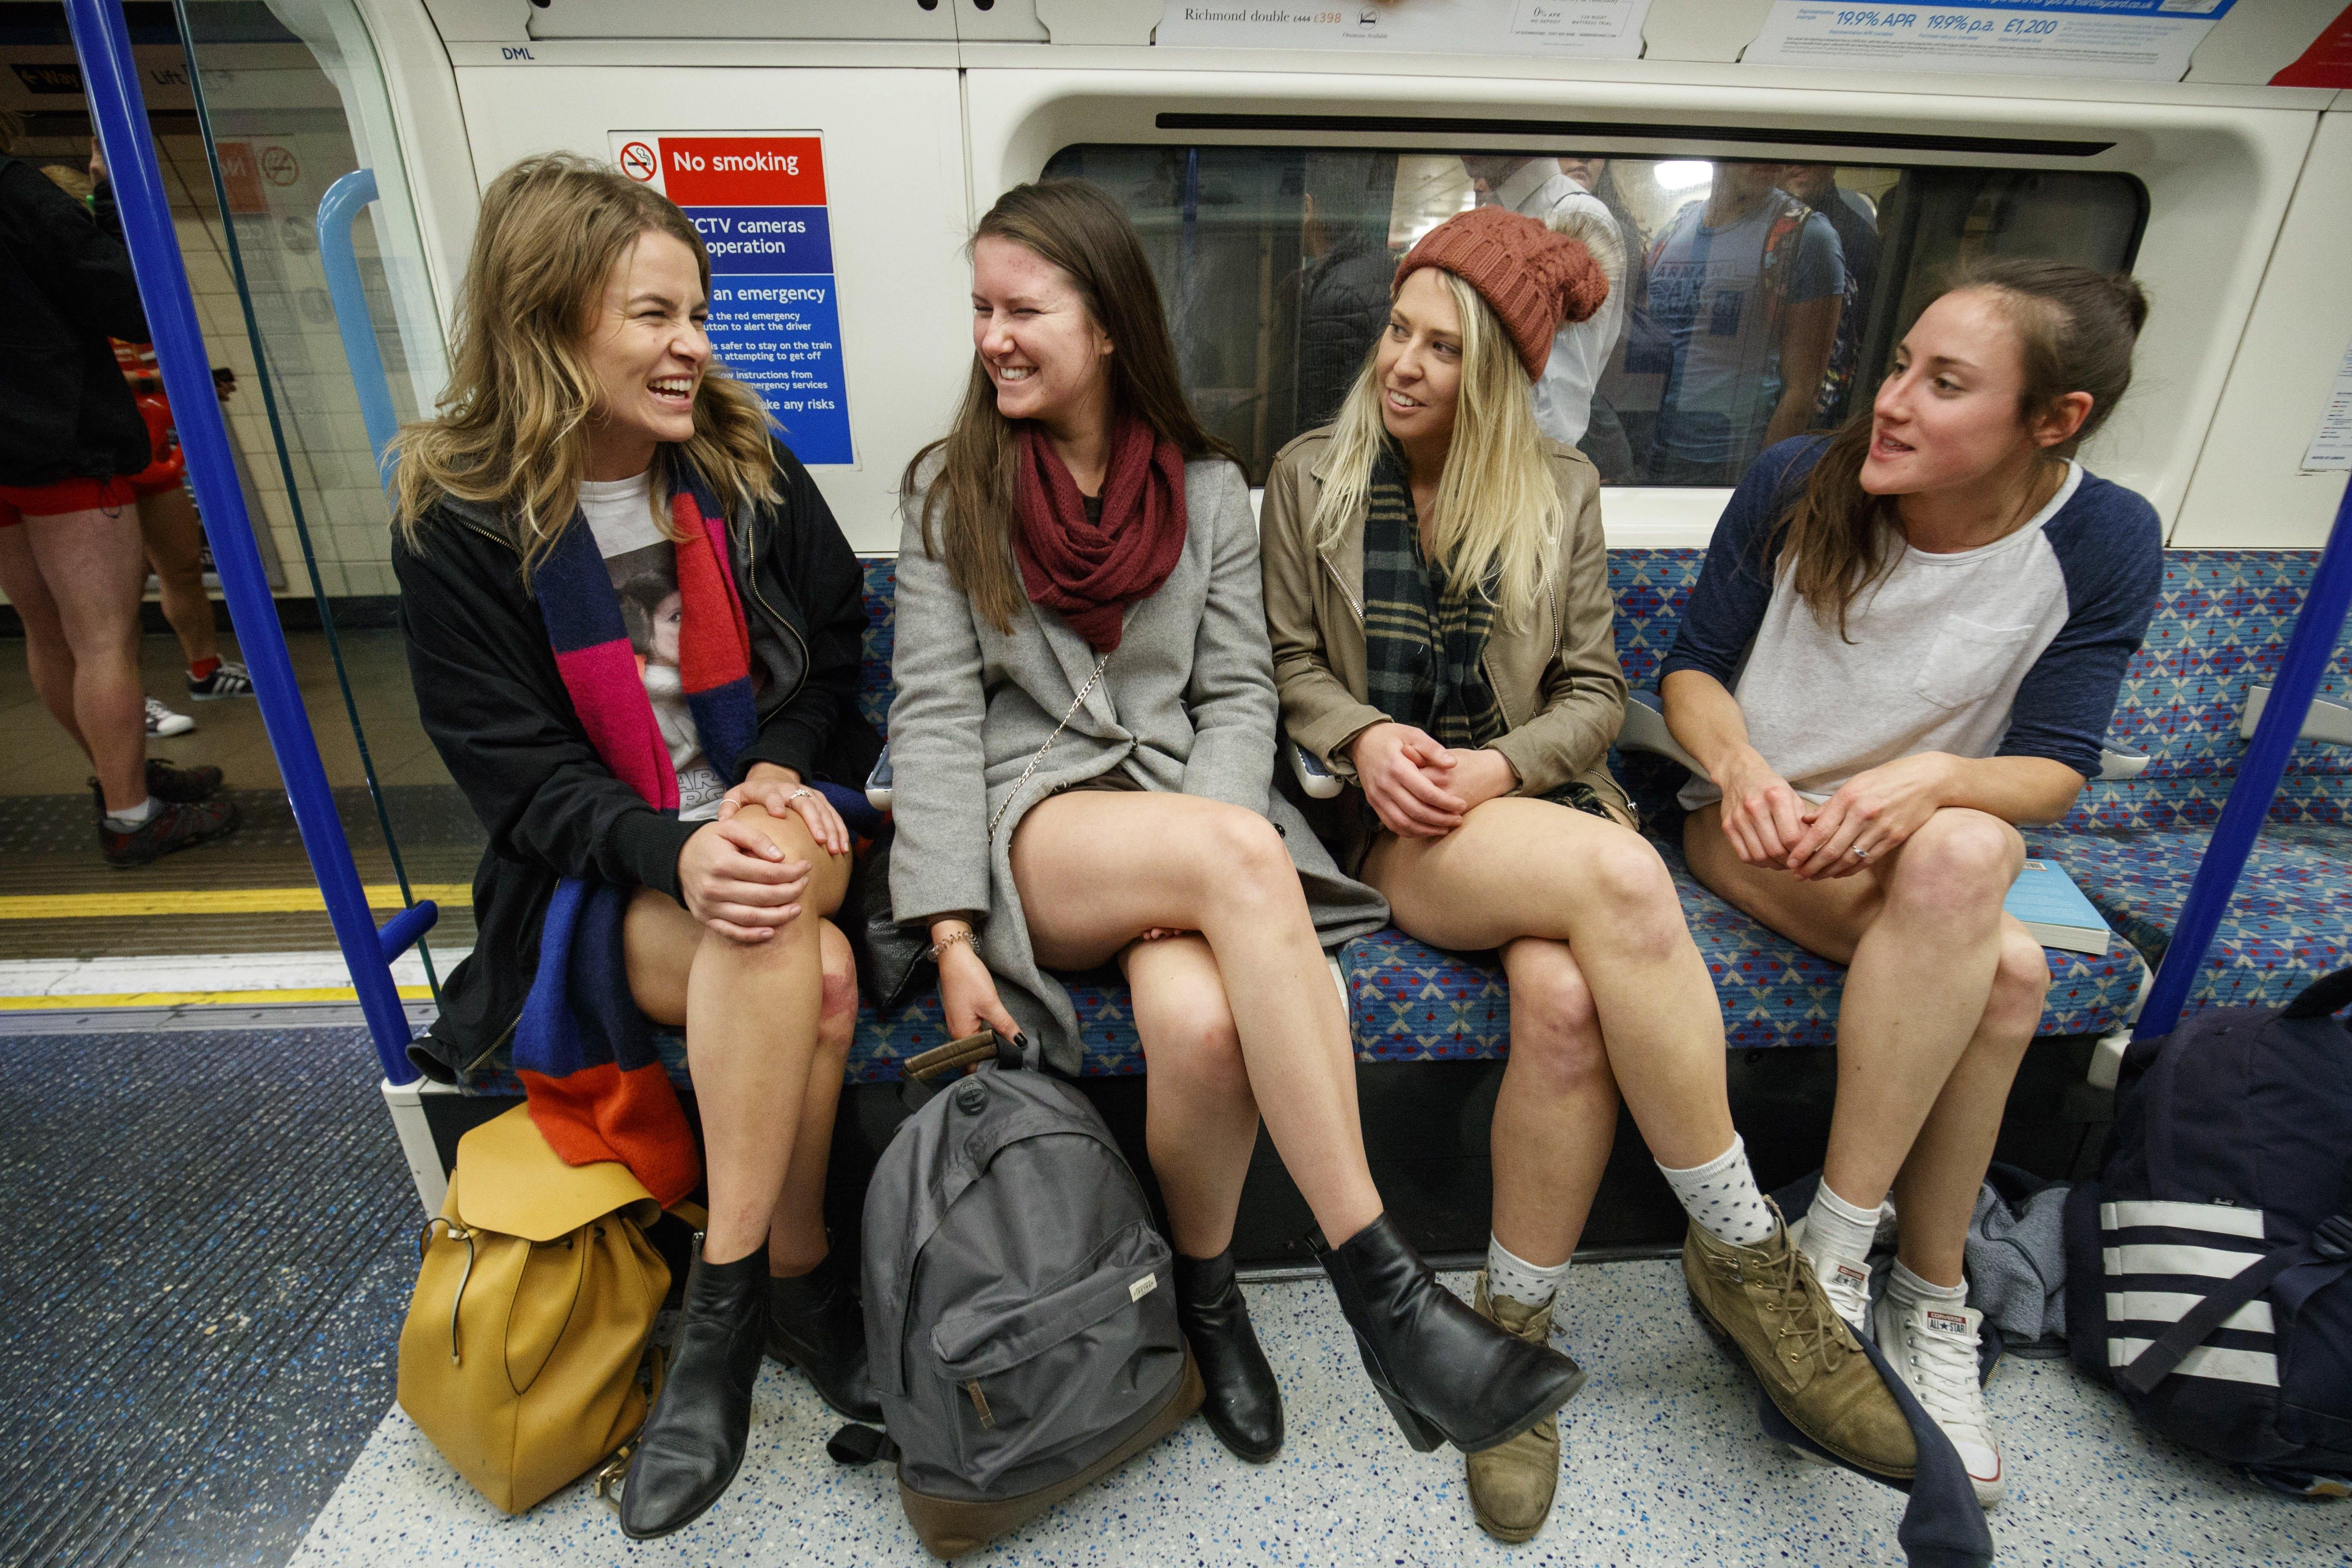 «Ημέρα χωρίς παντελόνι» στο μετρό Λονδίνου και Πράγας [Εικόνες]